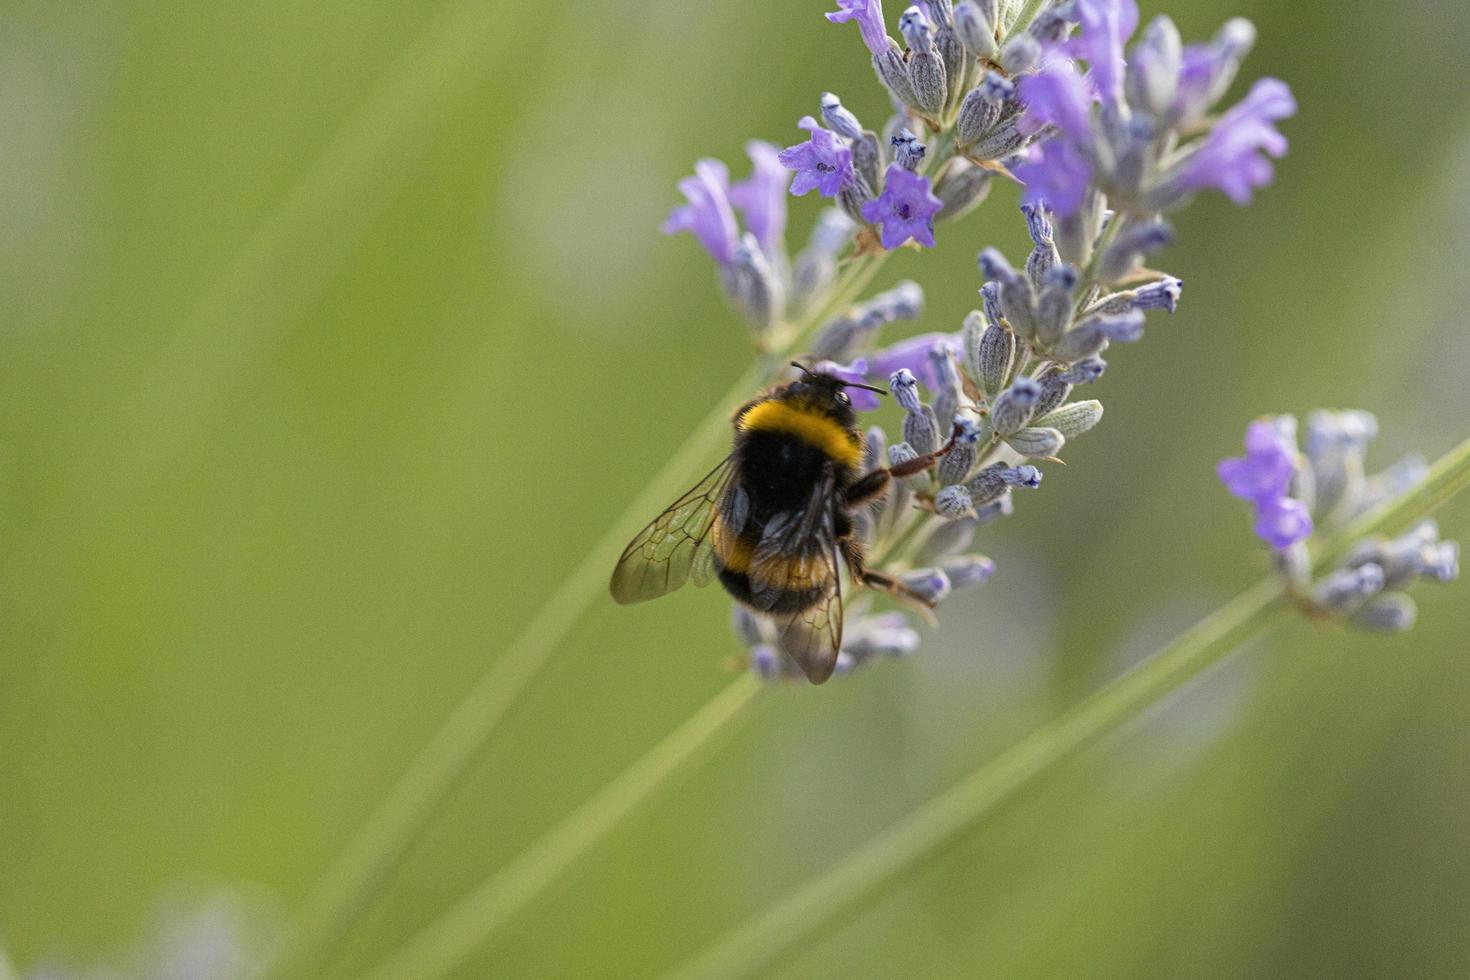 une abeille sur une plante de lavande photo